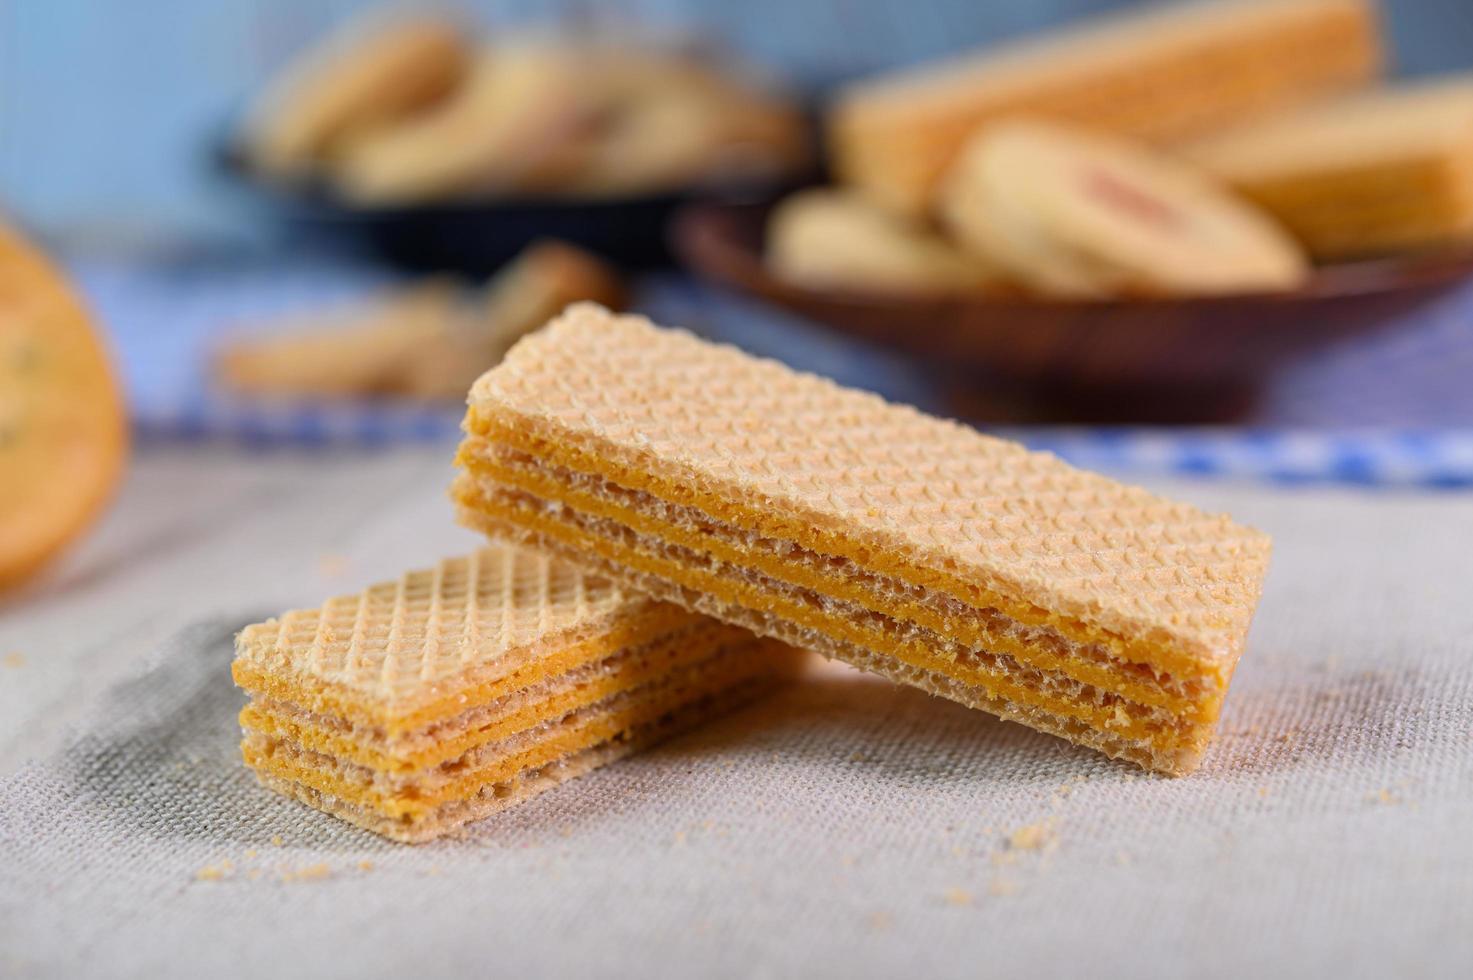 biscoitos dispostos em um pano foto